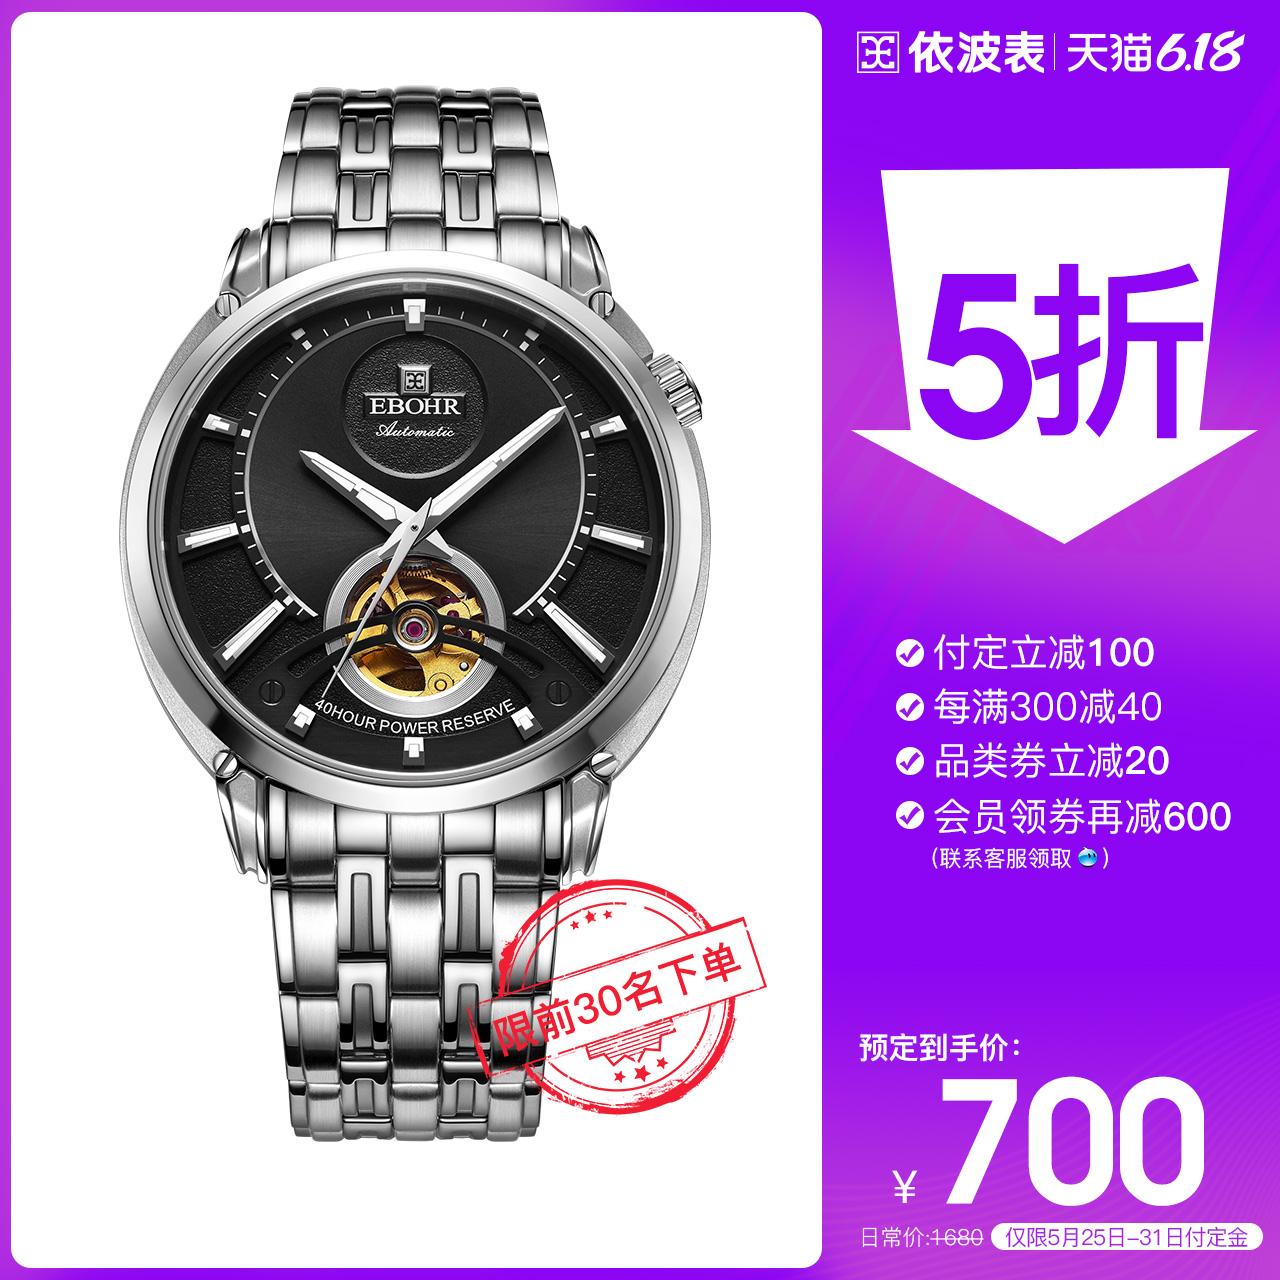 【618预售】EBOHR依波表手表男官方正品防水镂空自动机械男表5081